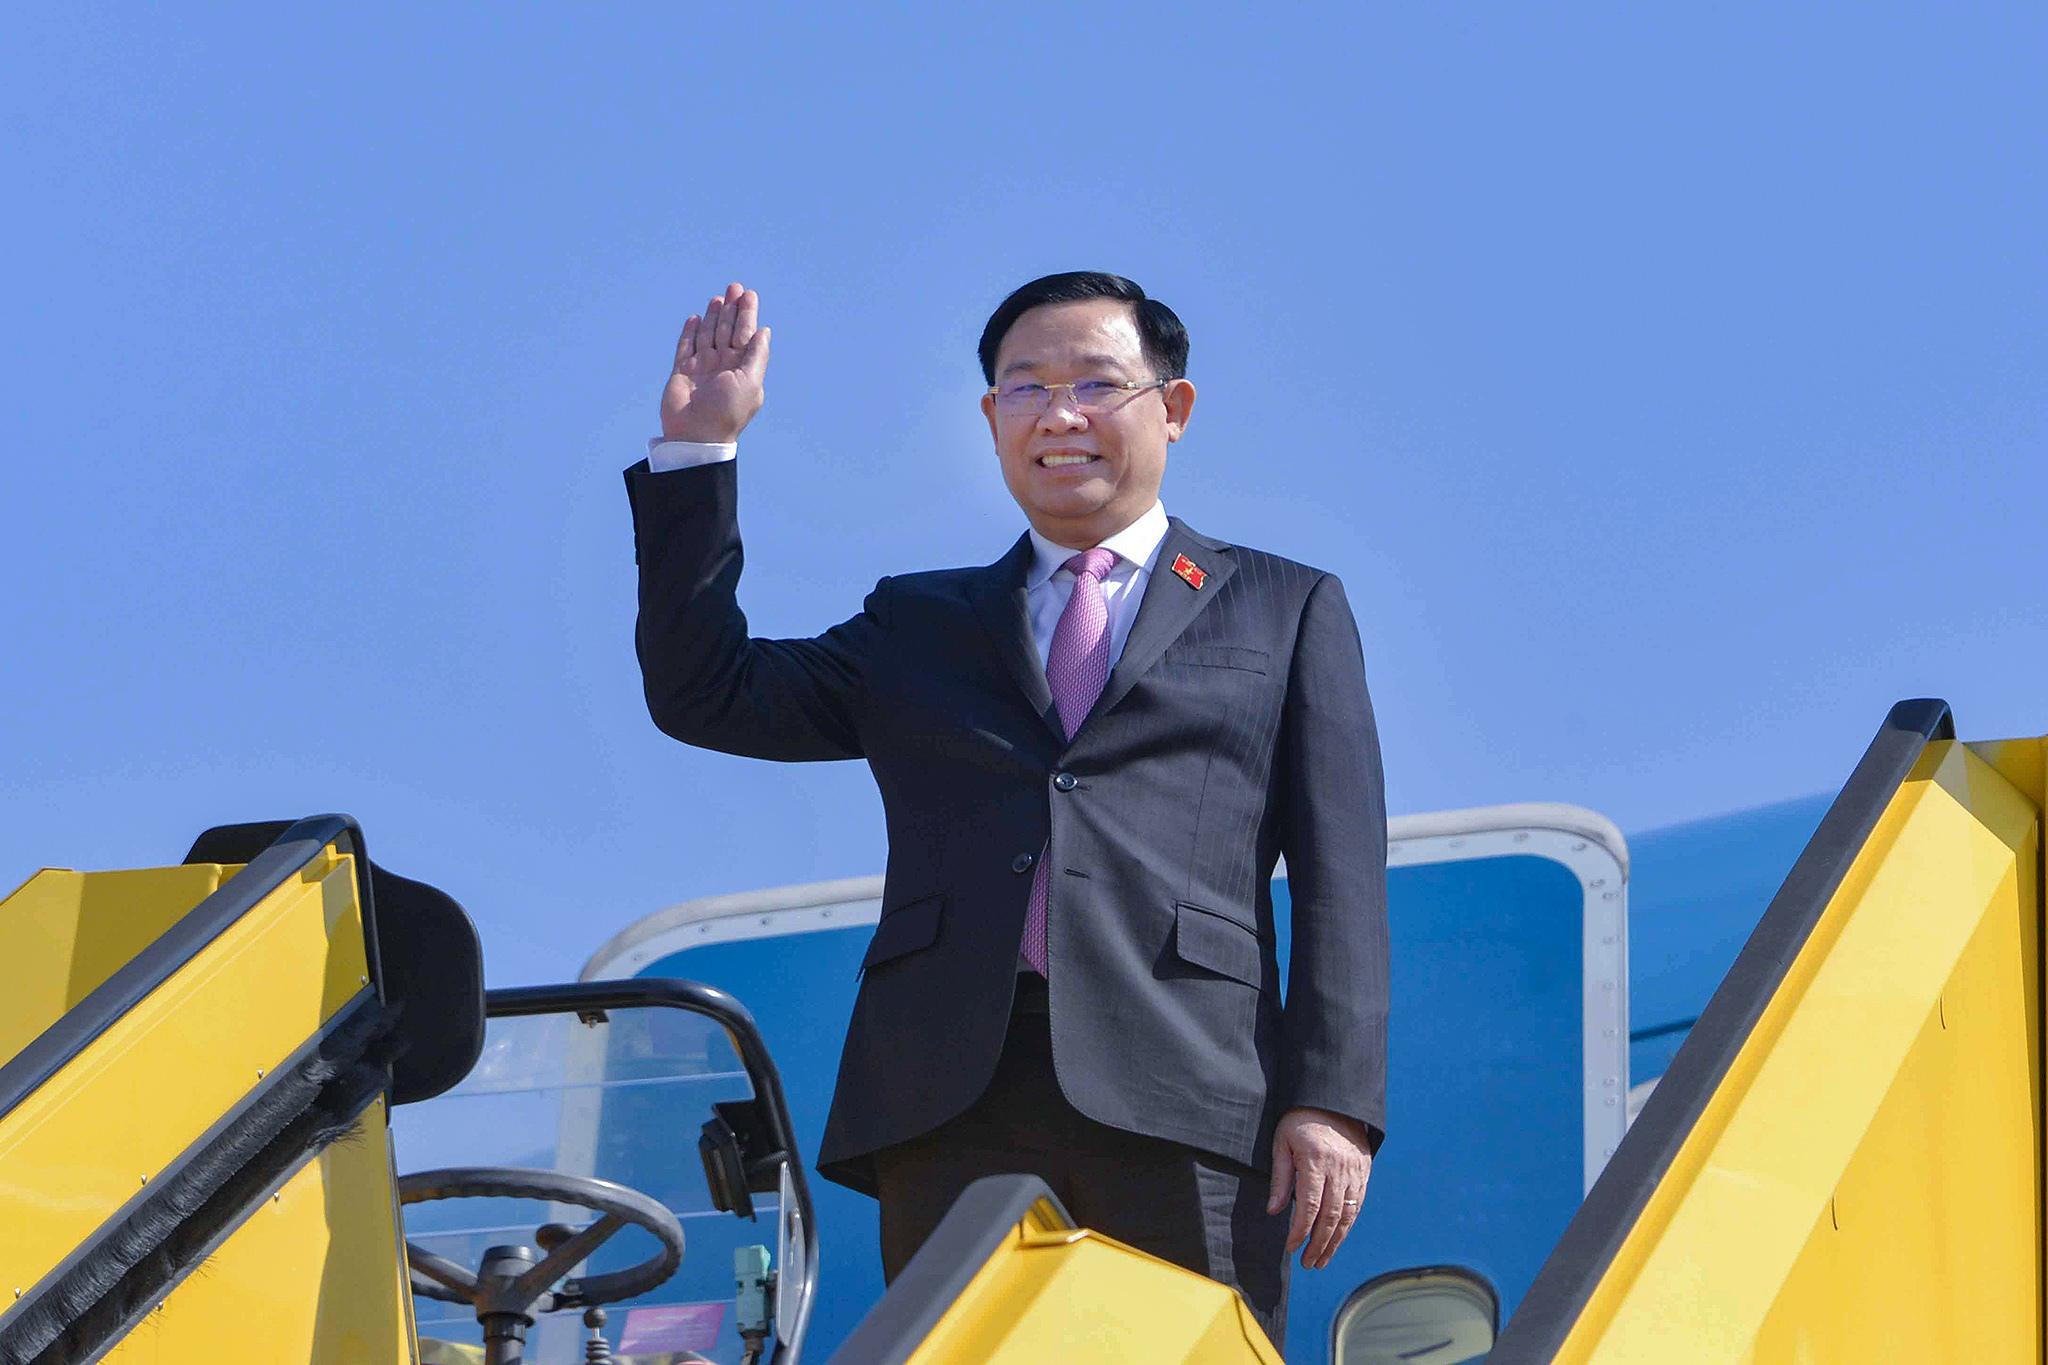 Chuyến đi mang về hàng chục tỉ USD và tầm nhìn chiến lược của Chủ tịch Quốc hội Vương Đình Huệ - Ảnh 2